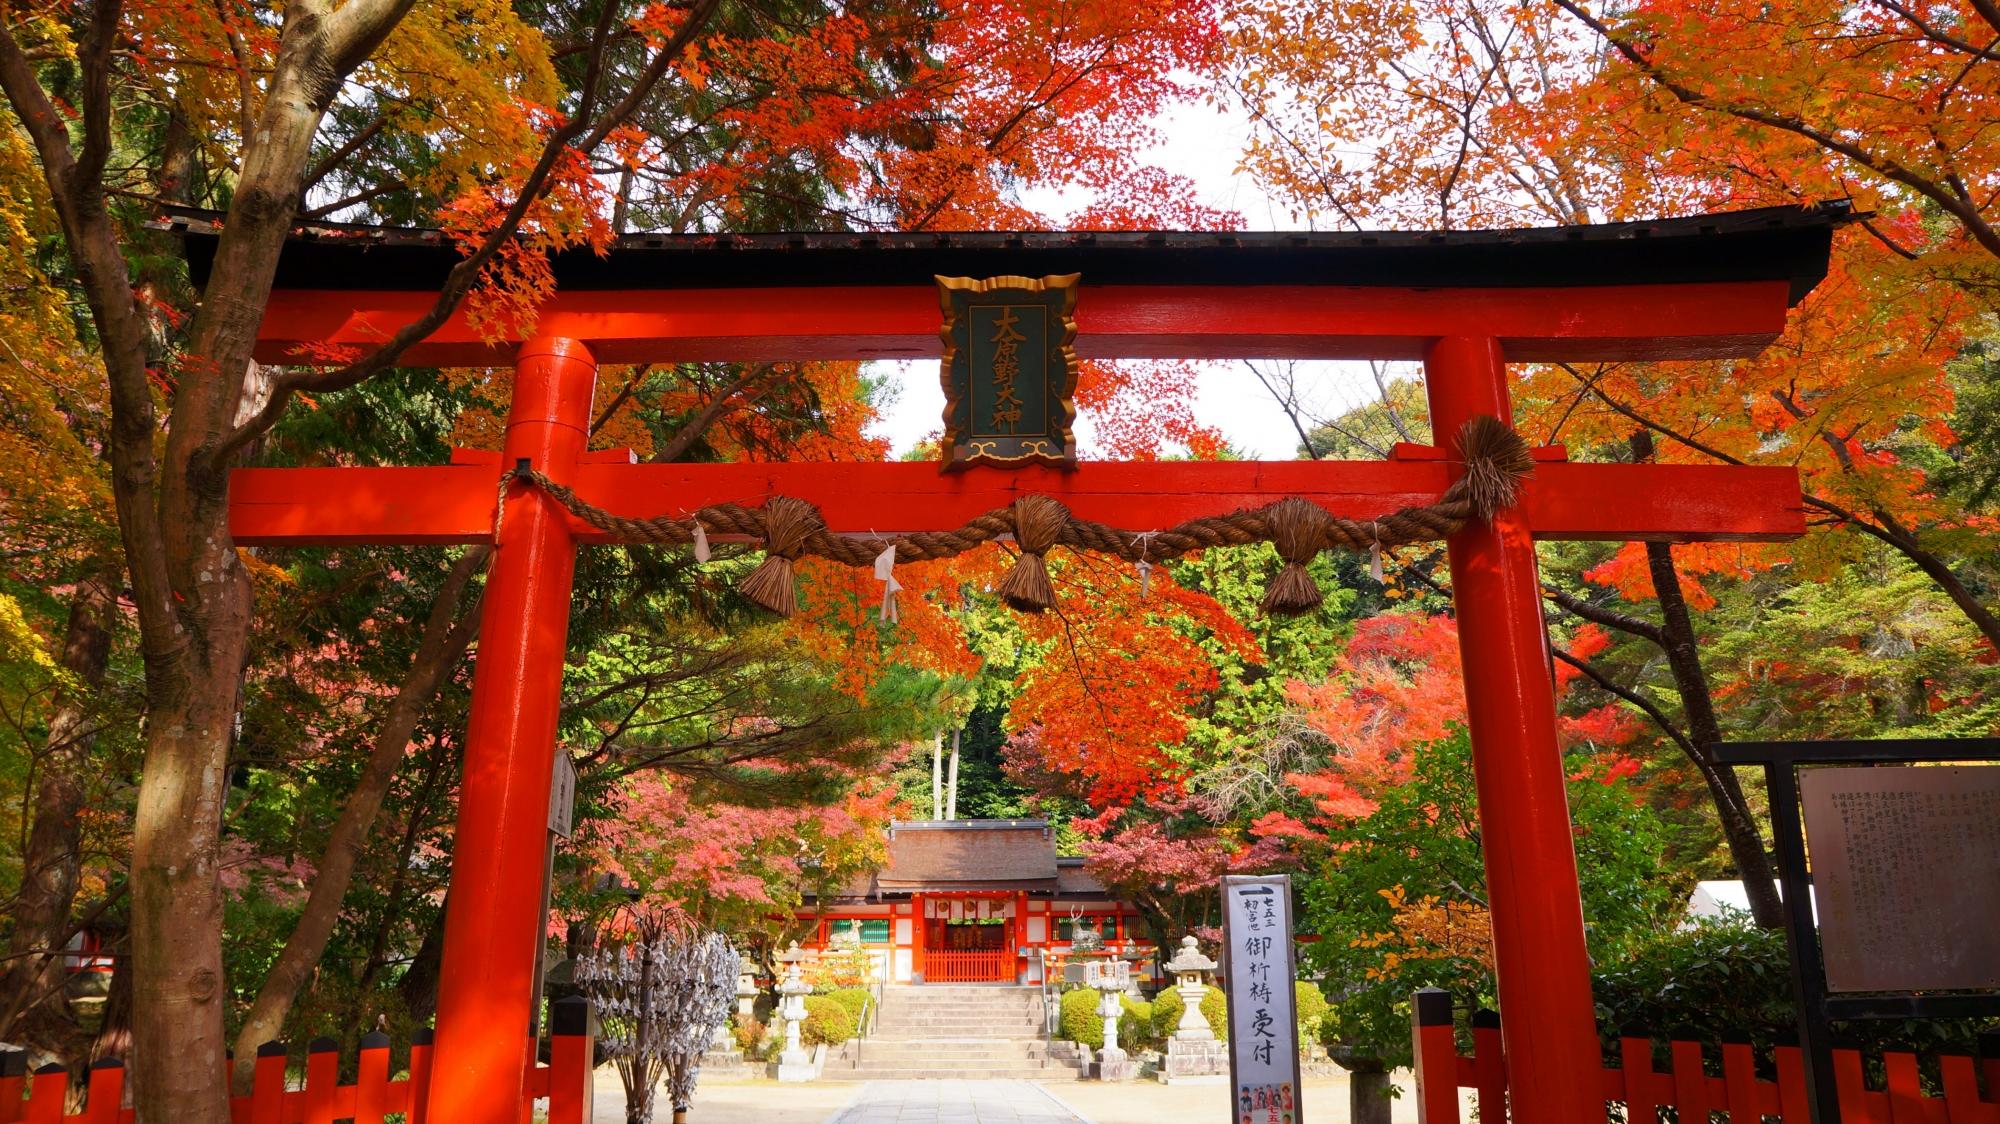 大原野神社の鳥居と本殿の秋の彩り